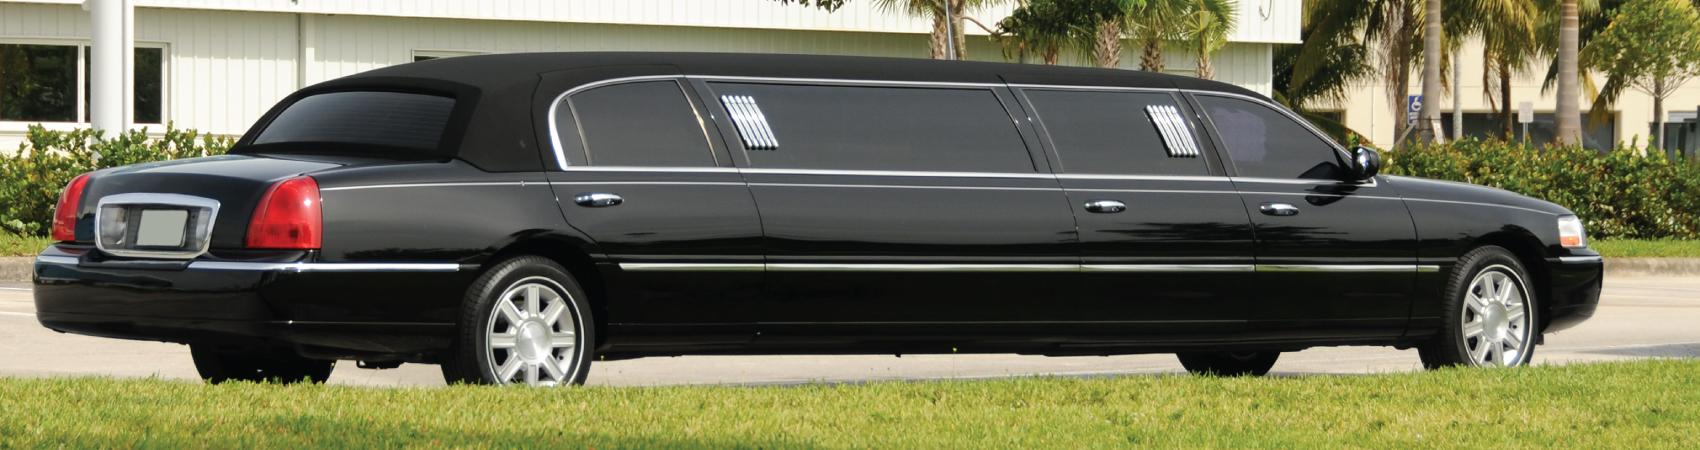 limo-homepage